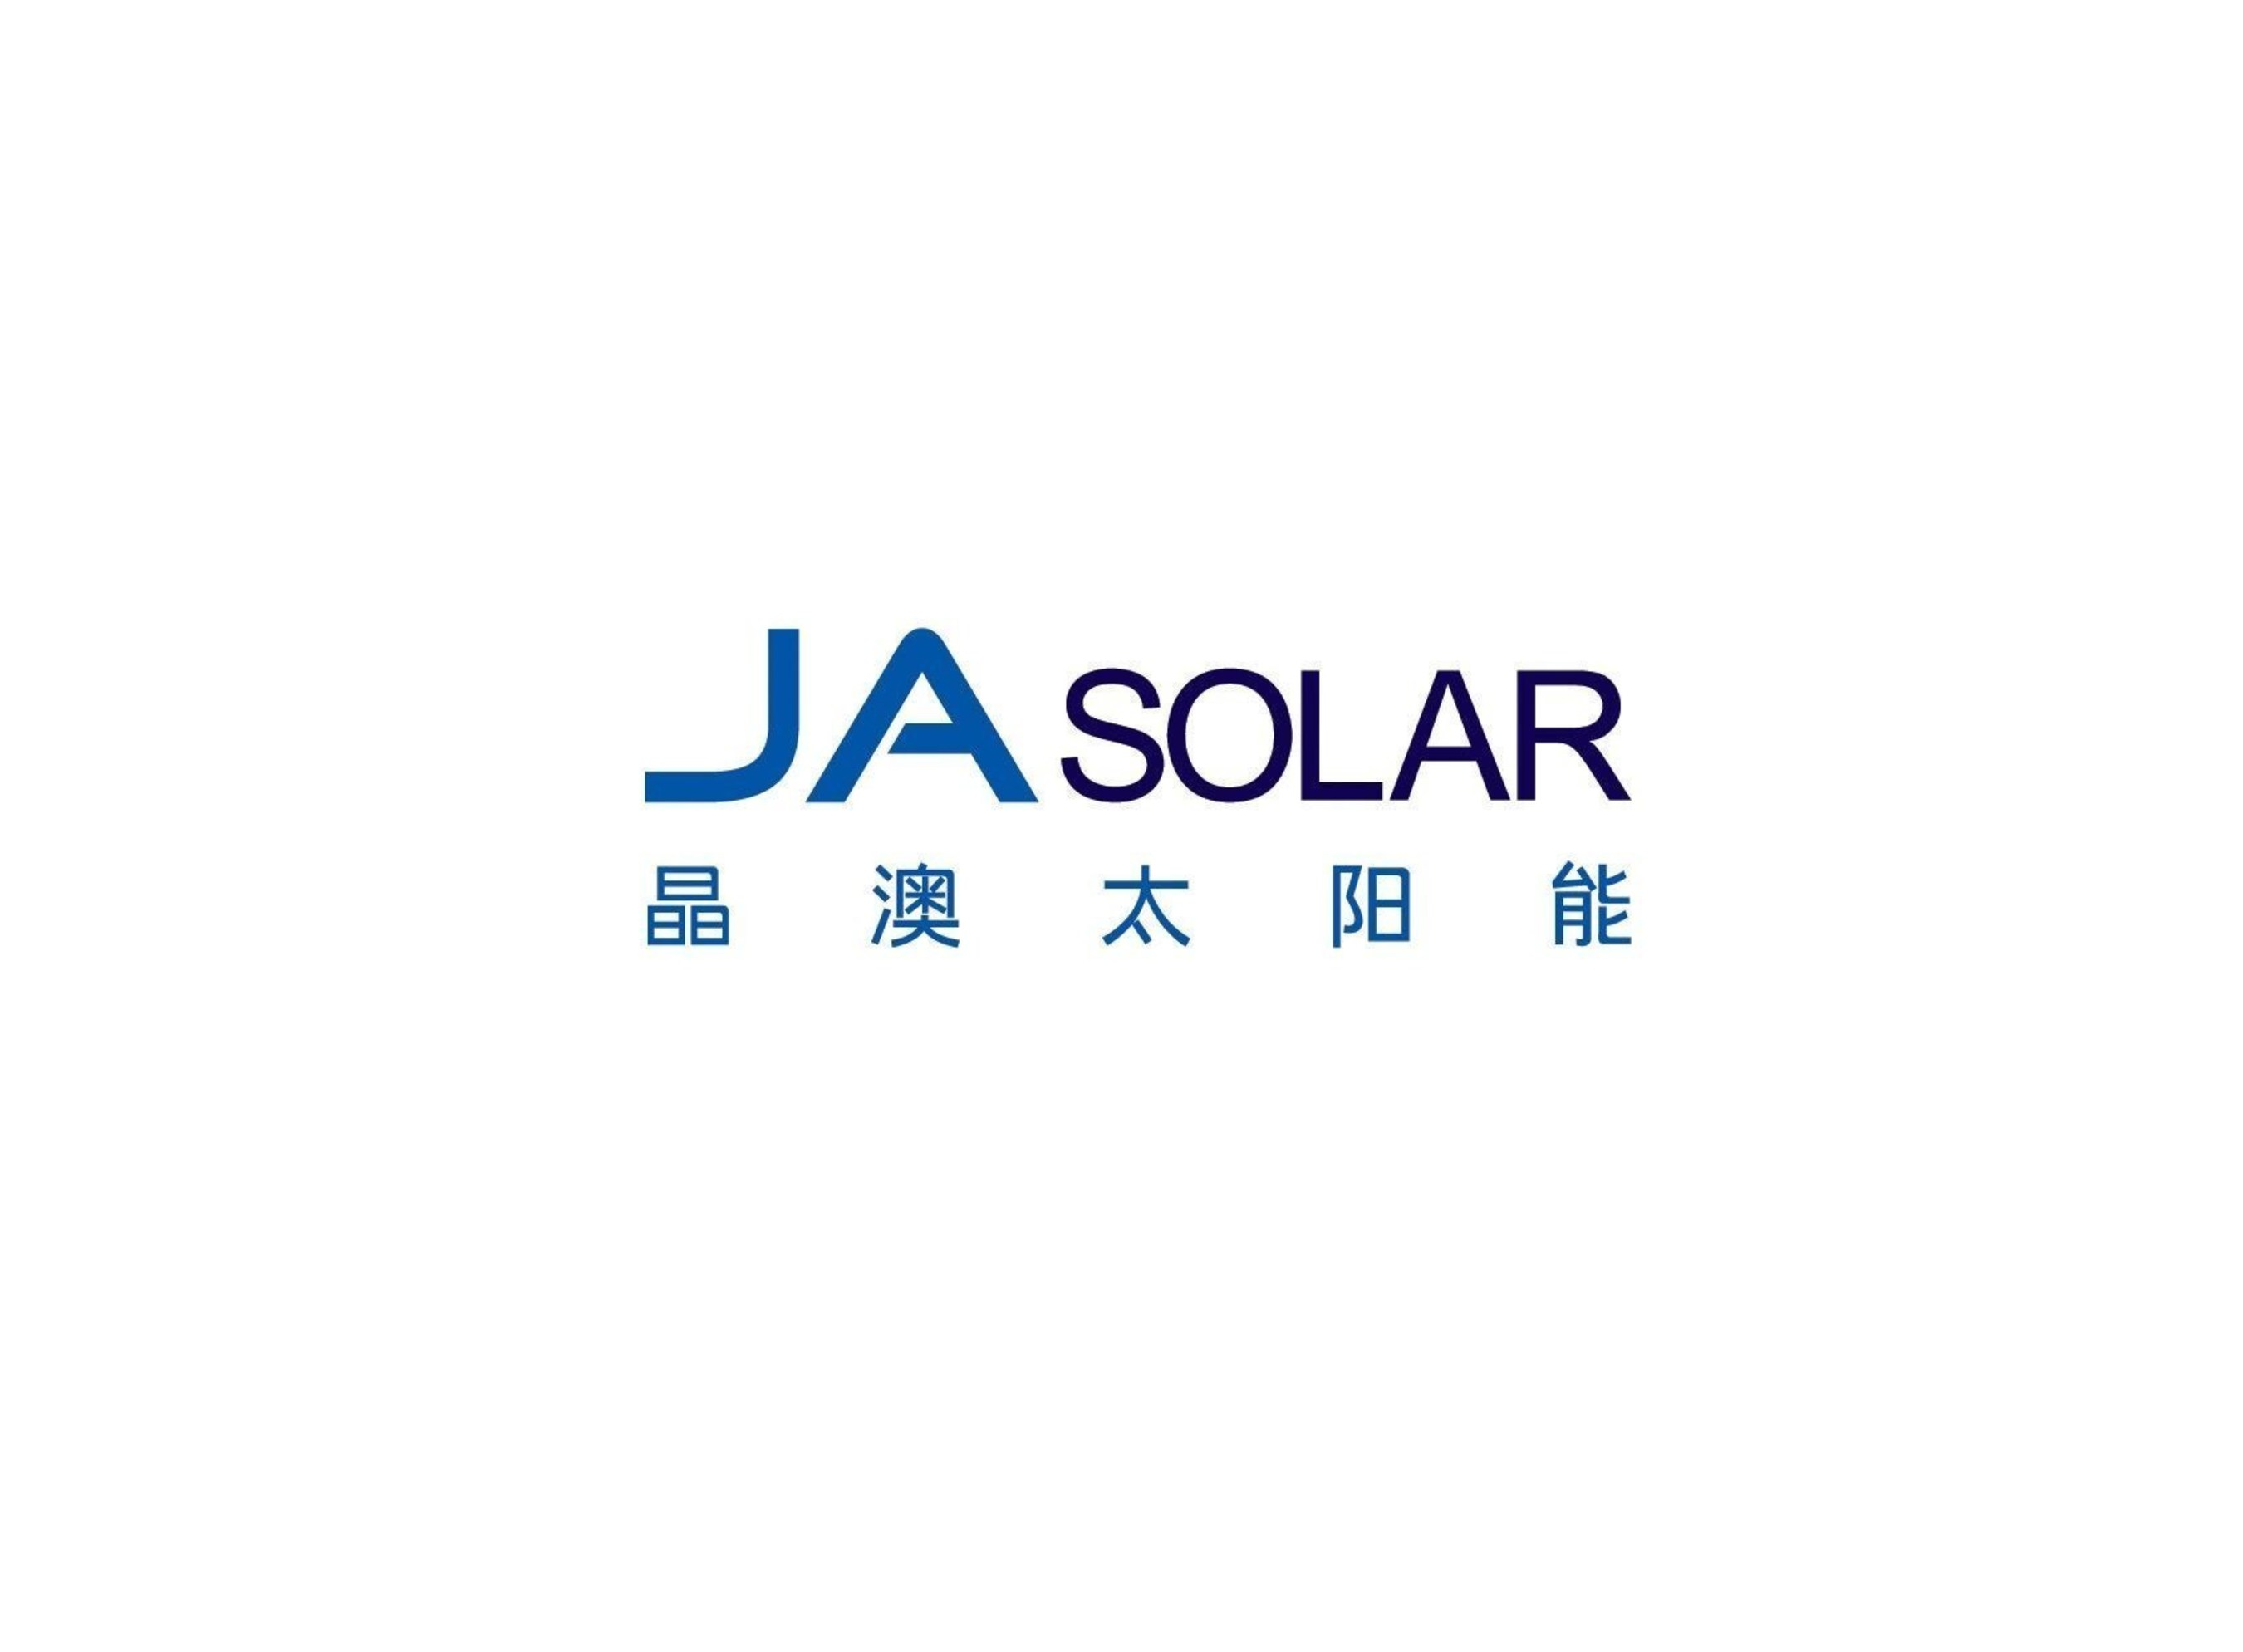 JA Solar e Essel Infraprojects Limited assinam MOU sobre joint venture de energia FV com 500 MW de